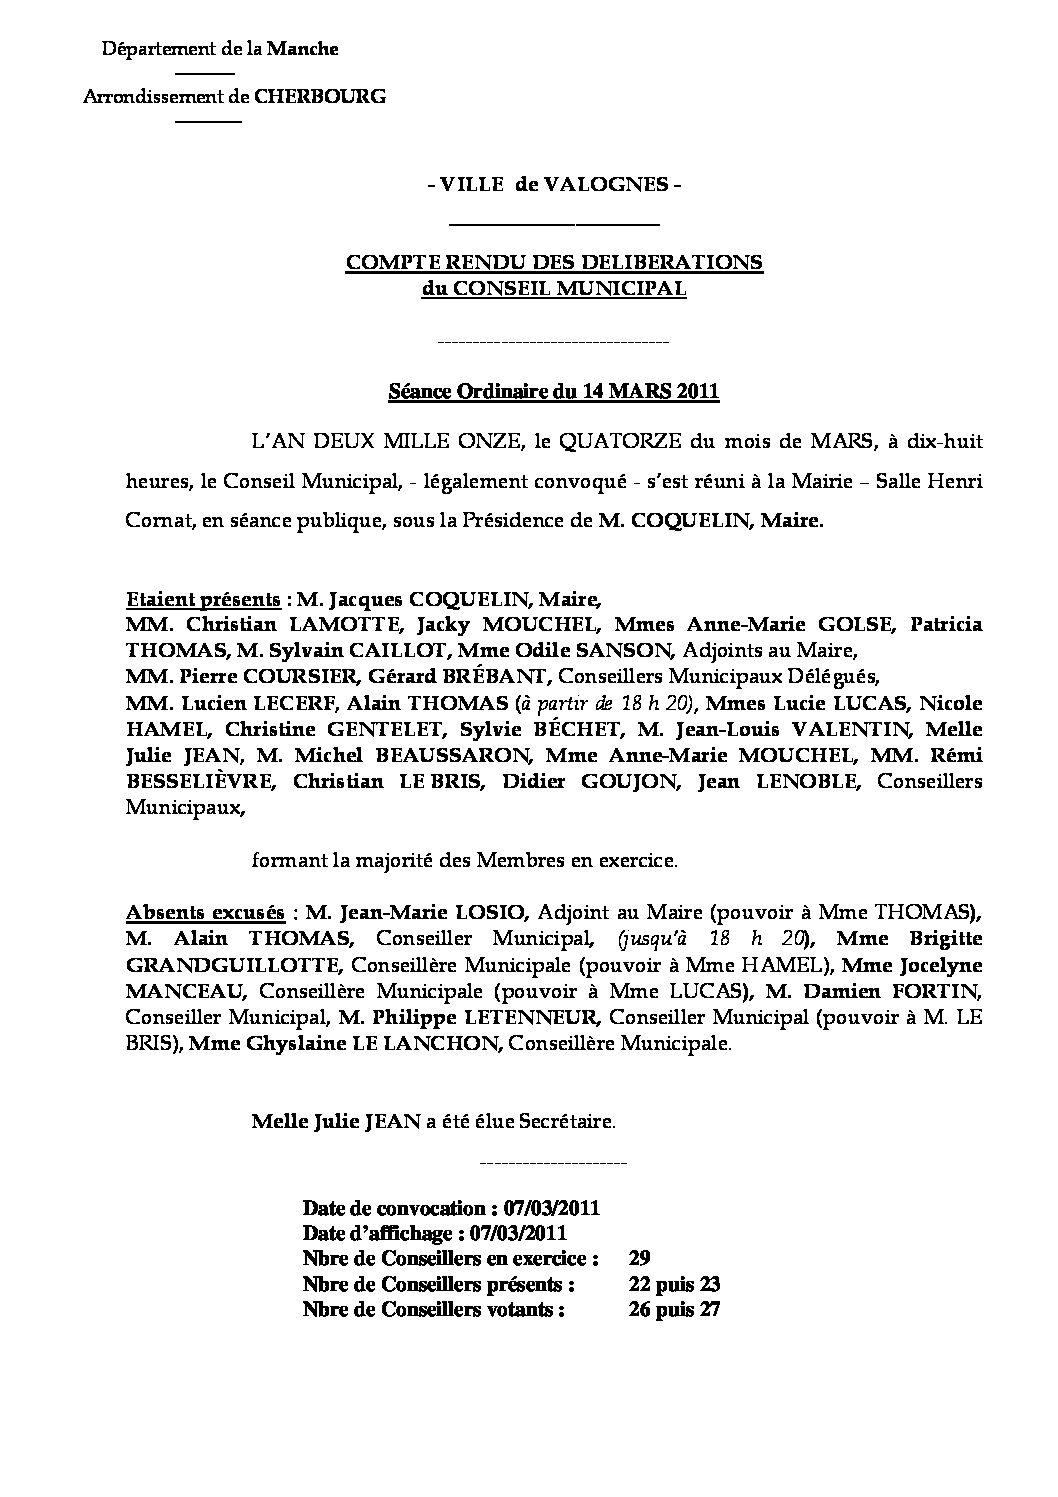 Extrait du registre des délibérations du 14-03-2011 - Compte rendu des questions soumises à délibération lors de la réunion ordinaire du Conseil Municipal du lundi 14 mars 2011.